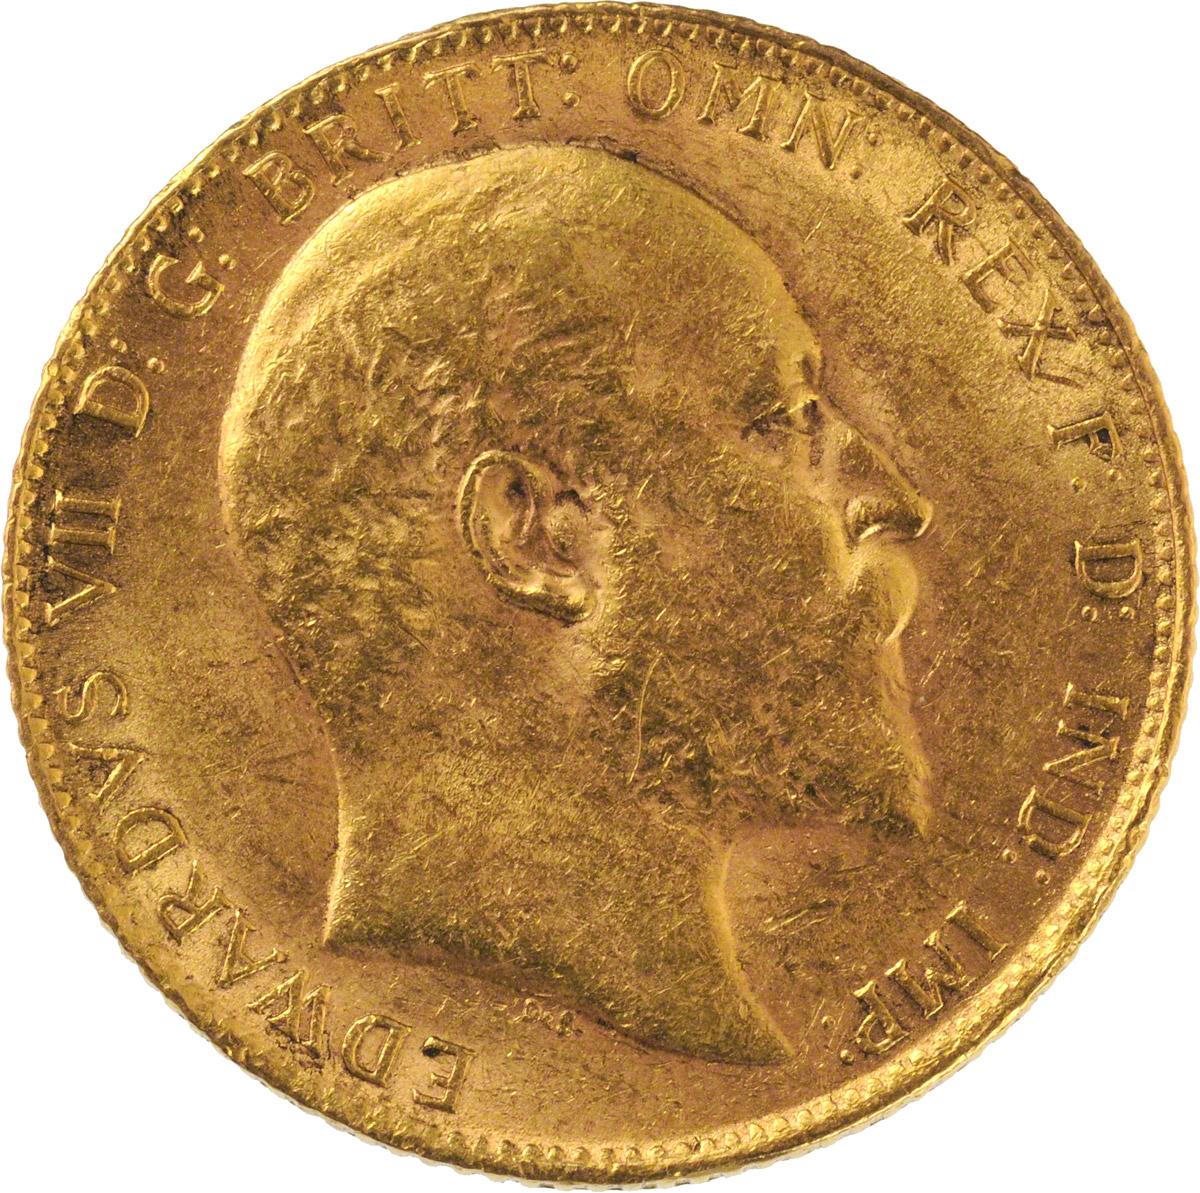 1904 Εδουάρδος Ζ' (Νομισματοκοπείο Λονδίνου)